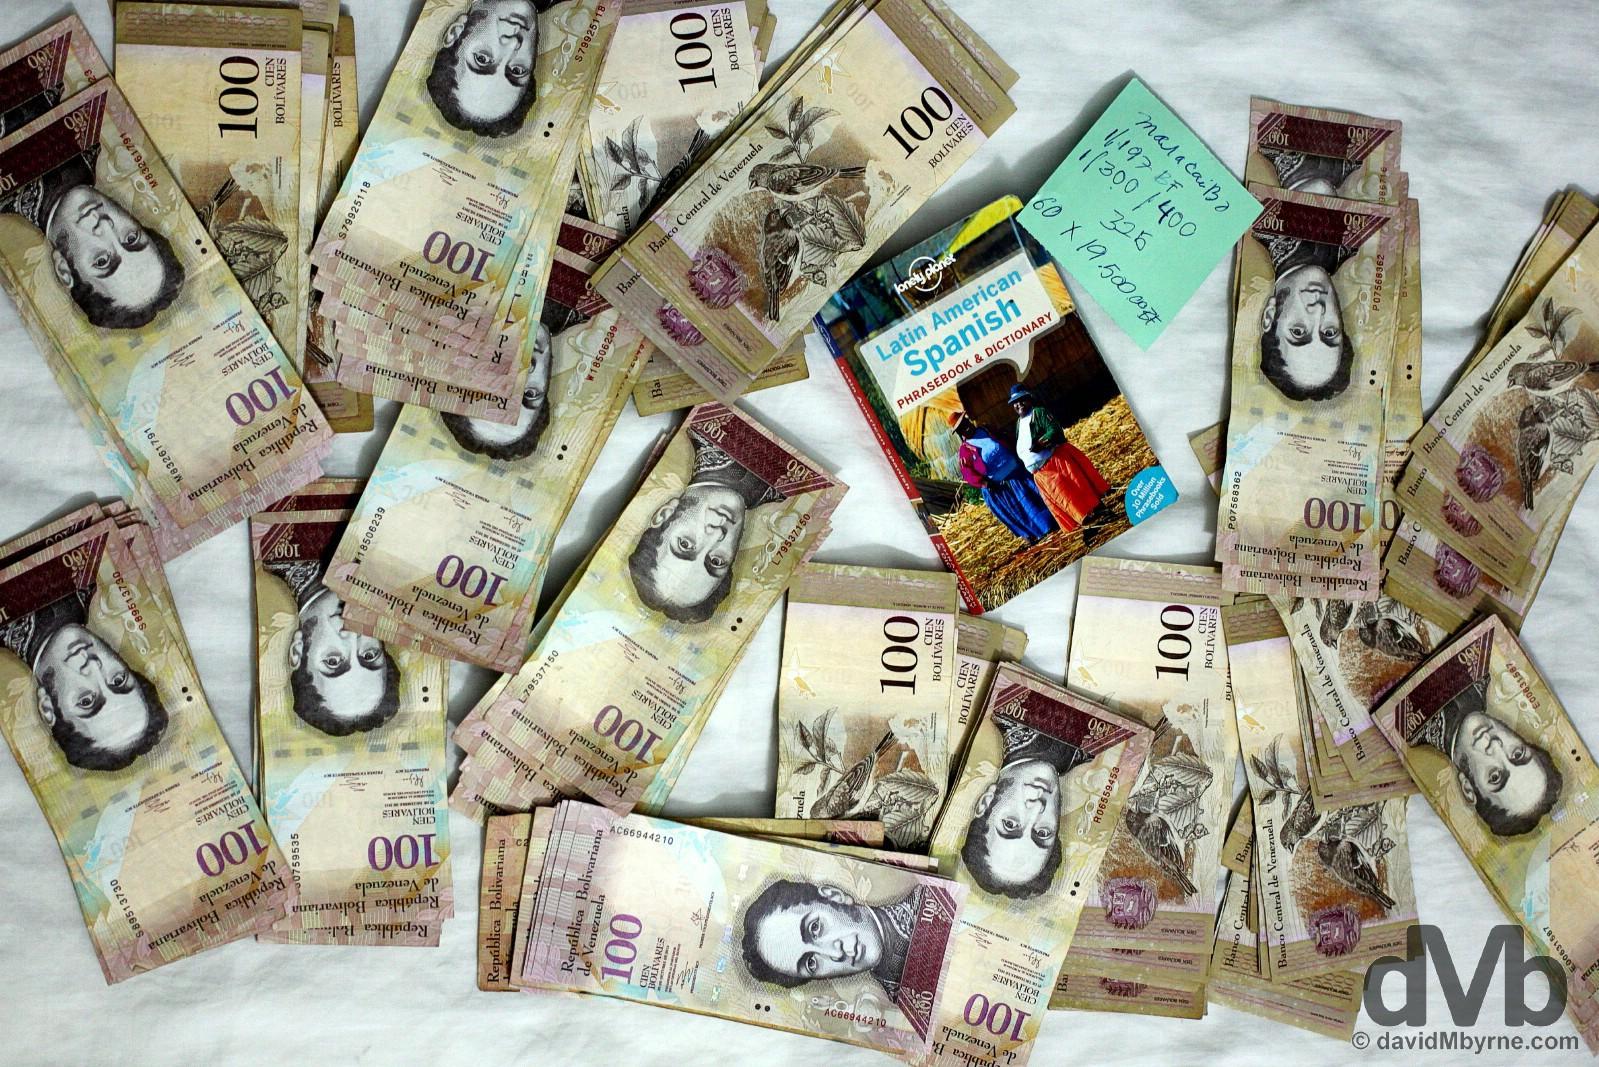 19,500 Venezuelan bolivars. Maracaibo, Venezuela. June 22, 2015.